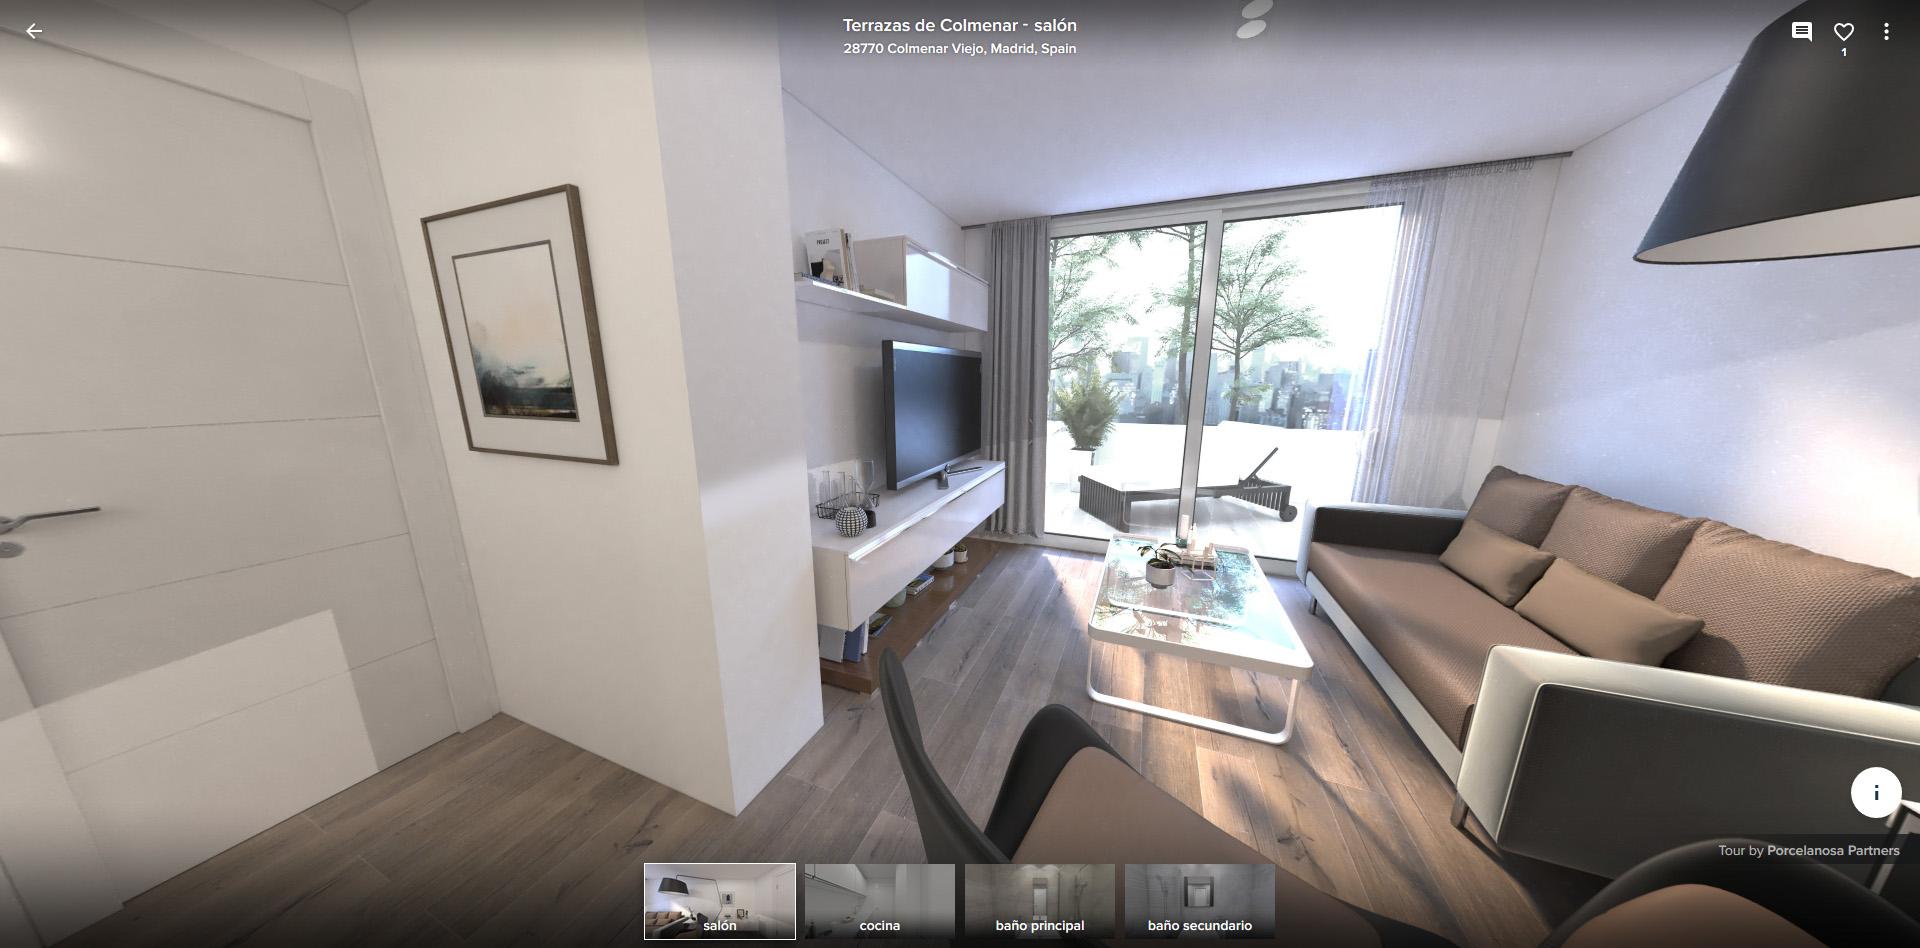 Residencial Las Terrazas de Colmenar Visita Virtual